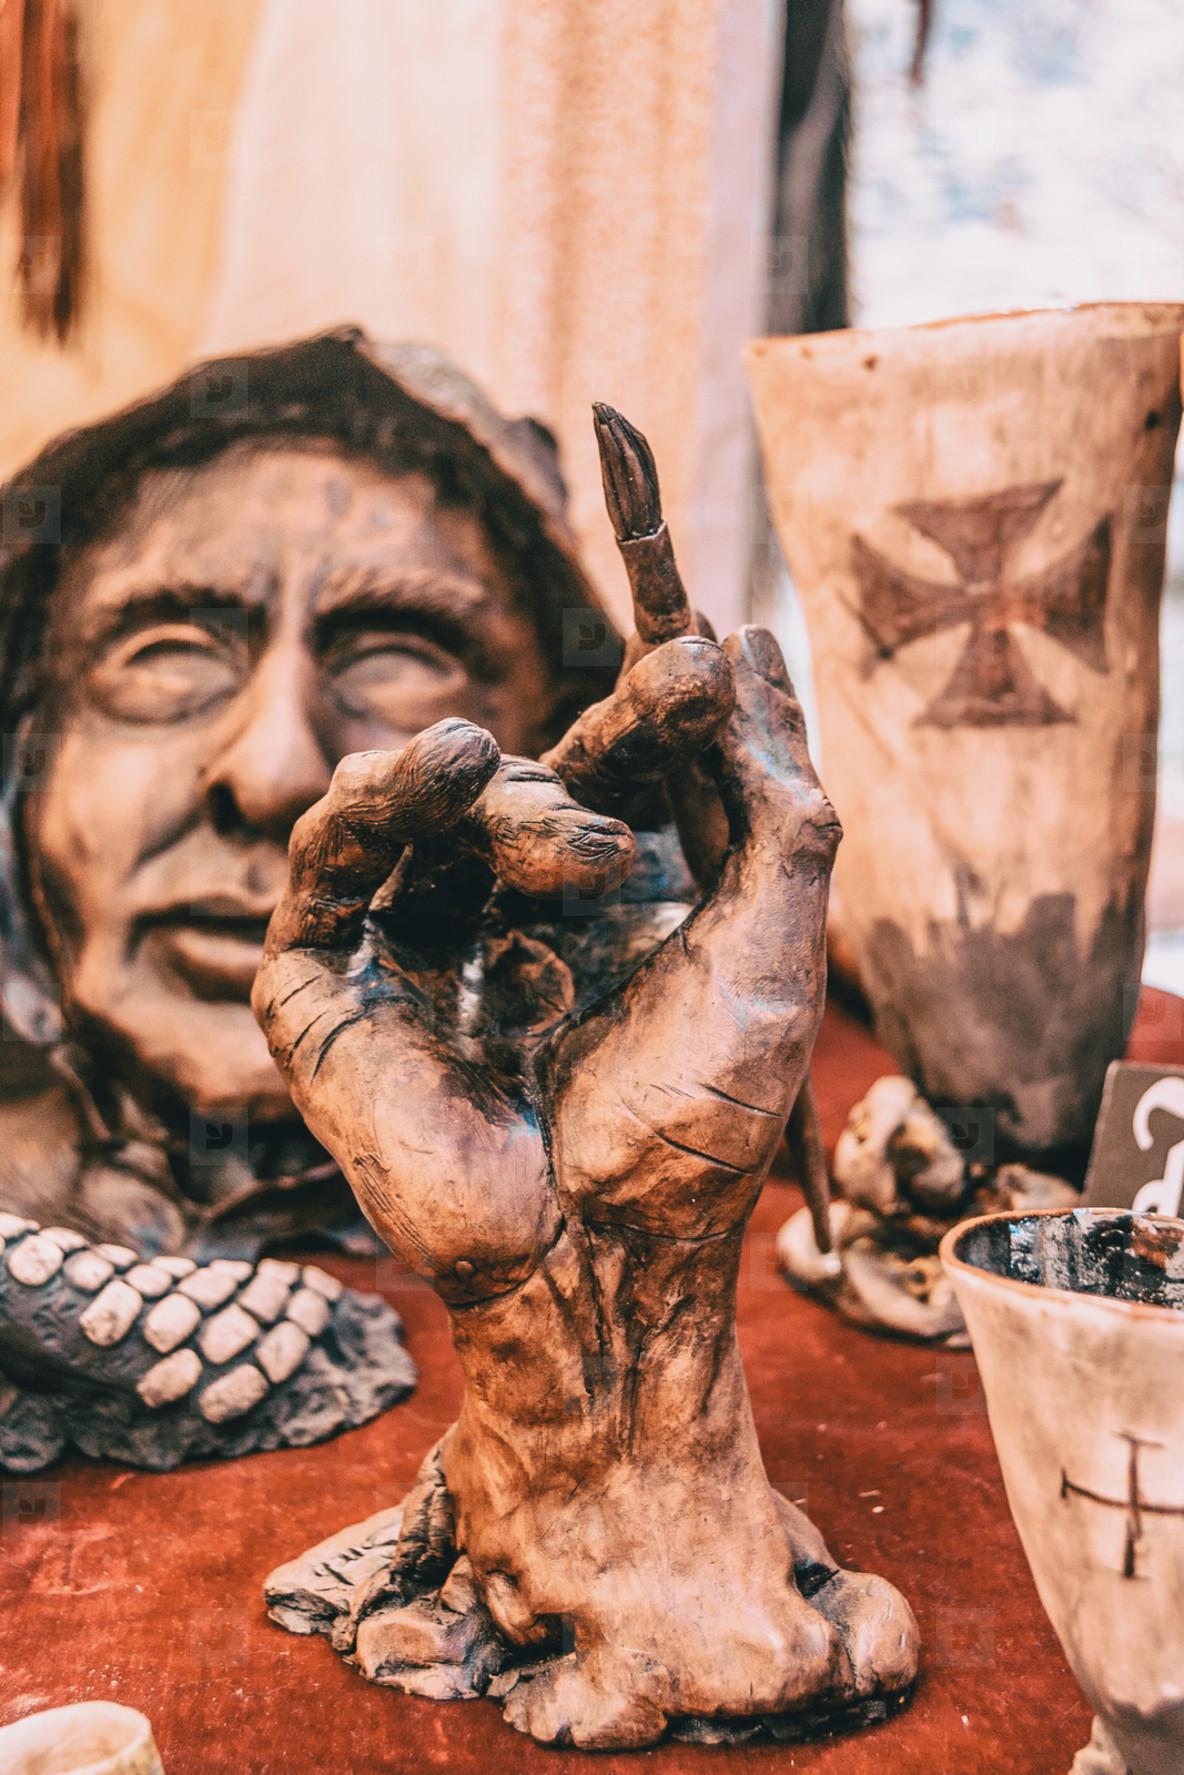 sculpture of a hand holding a pen